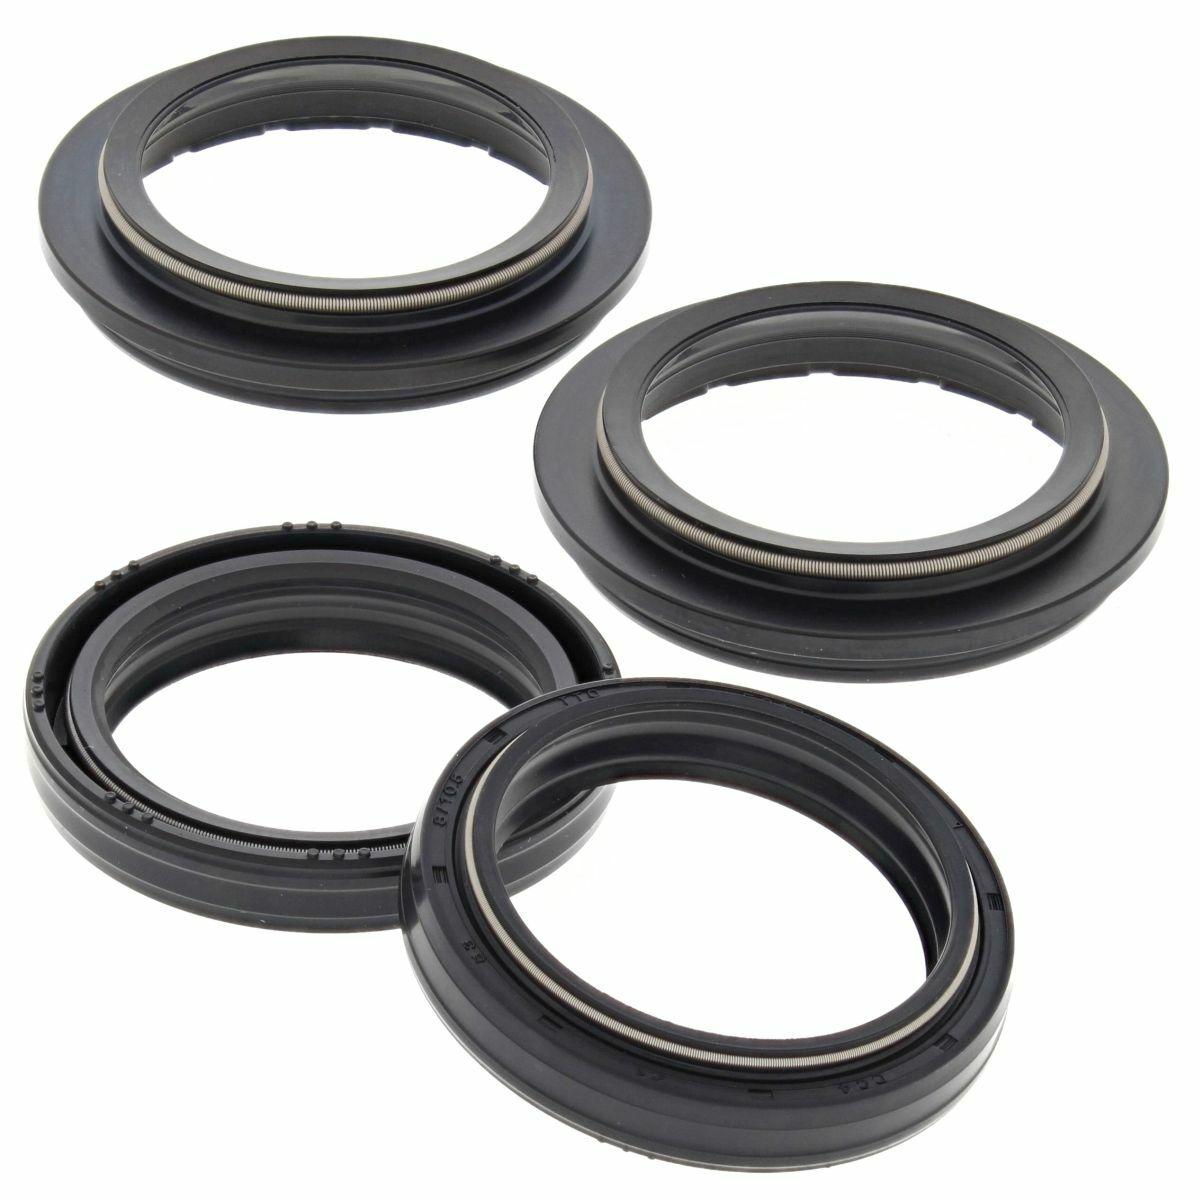 Obrázek produktu Sada gufer a stíracích kroužků přední vidlice All Balls Racing